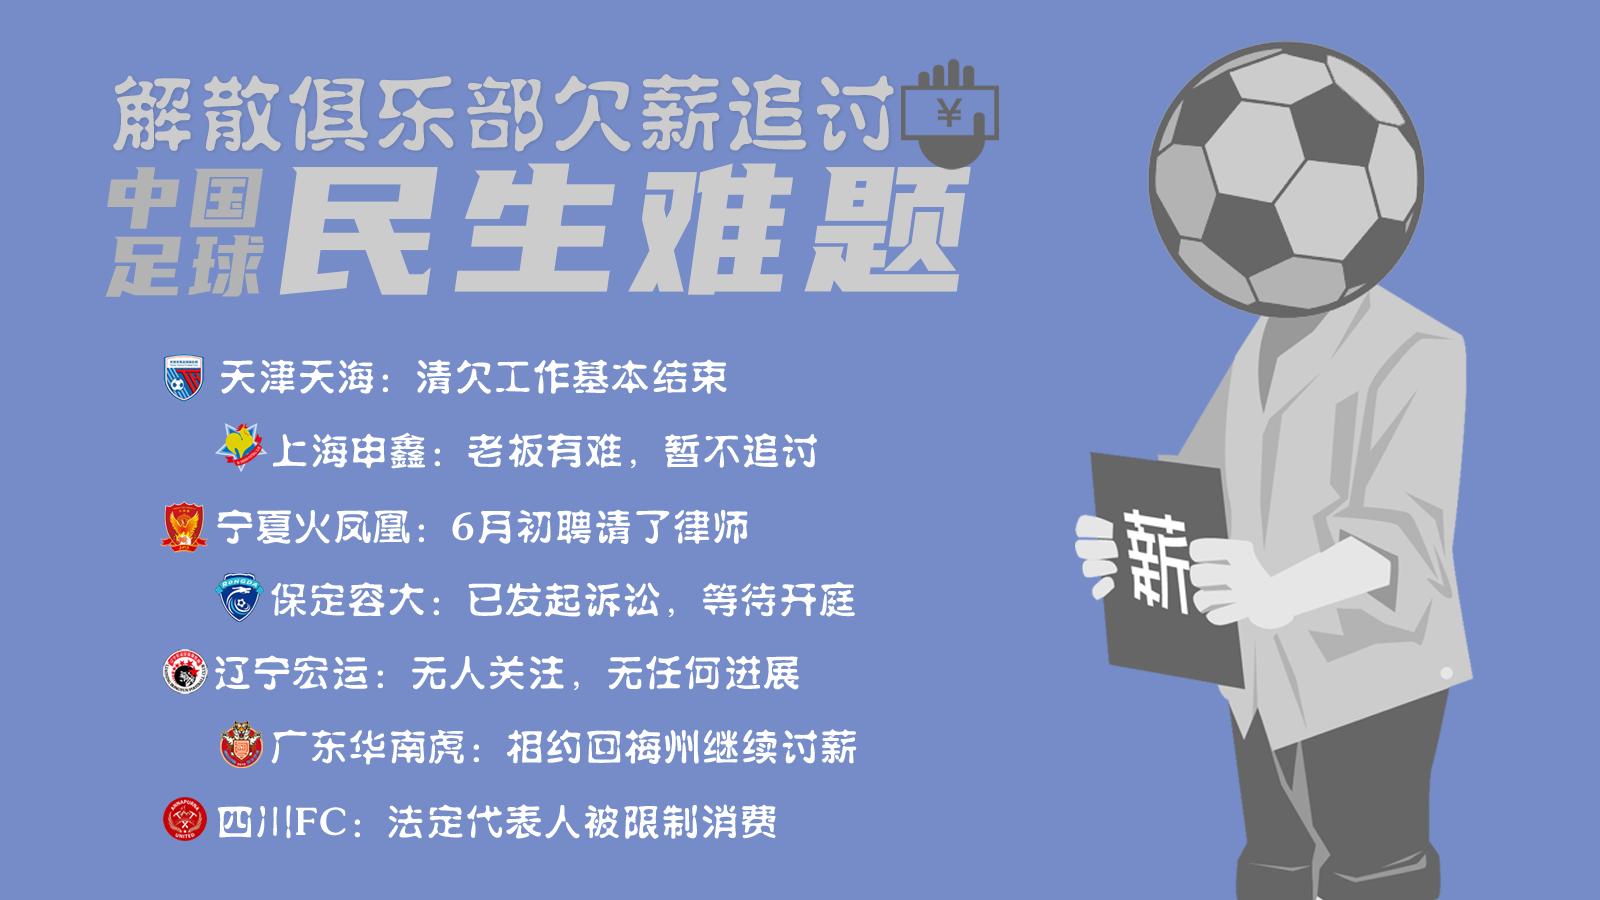 律师提醒被欠薪球员:劳动仲裁时效1年,过期法院或不受理